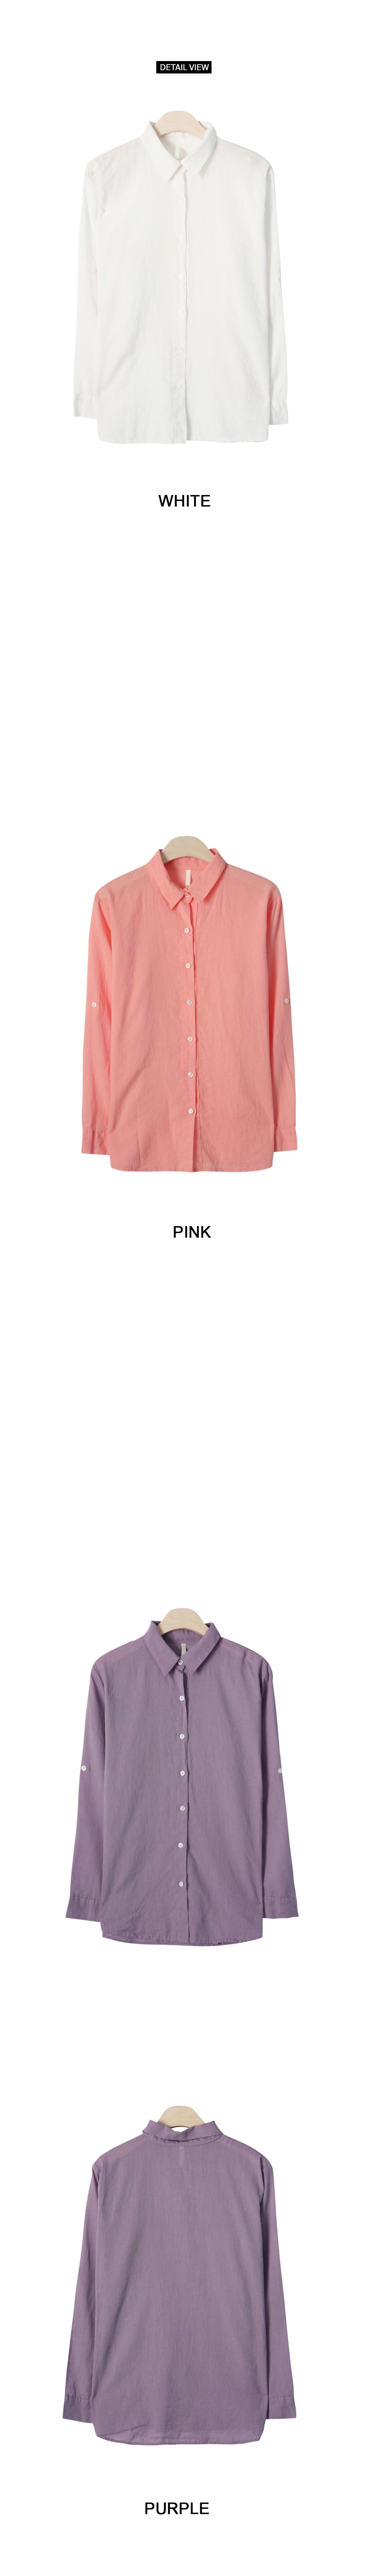 캔디팝 컬러 린넨 셔츠 (nb847)